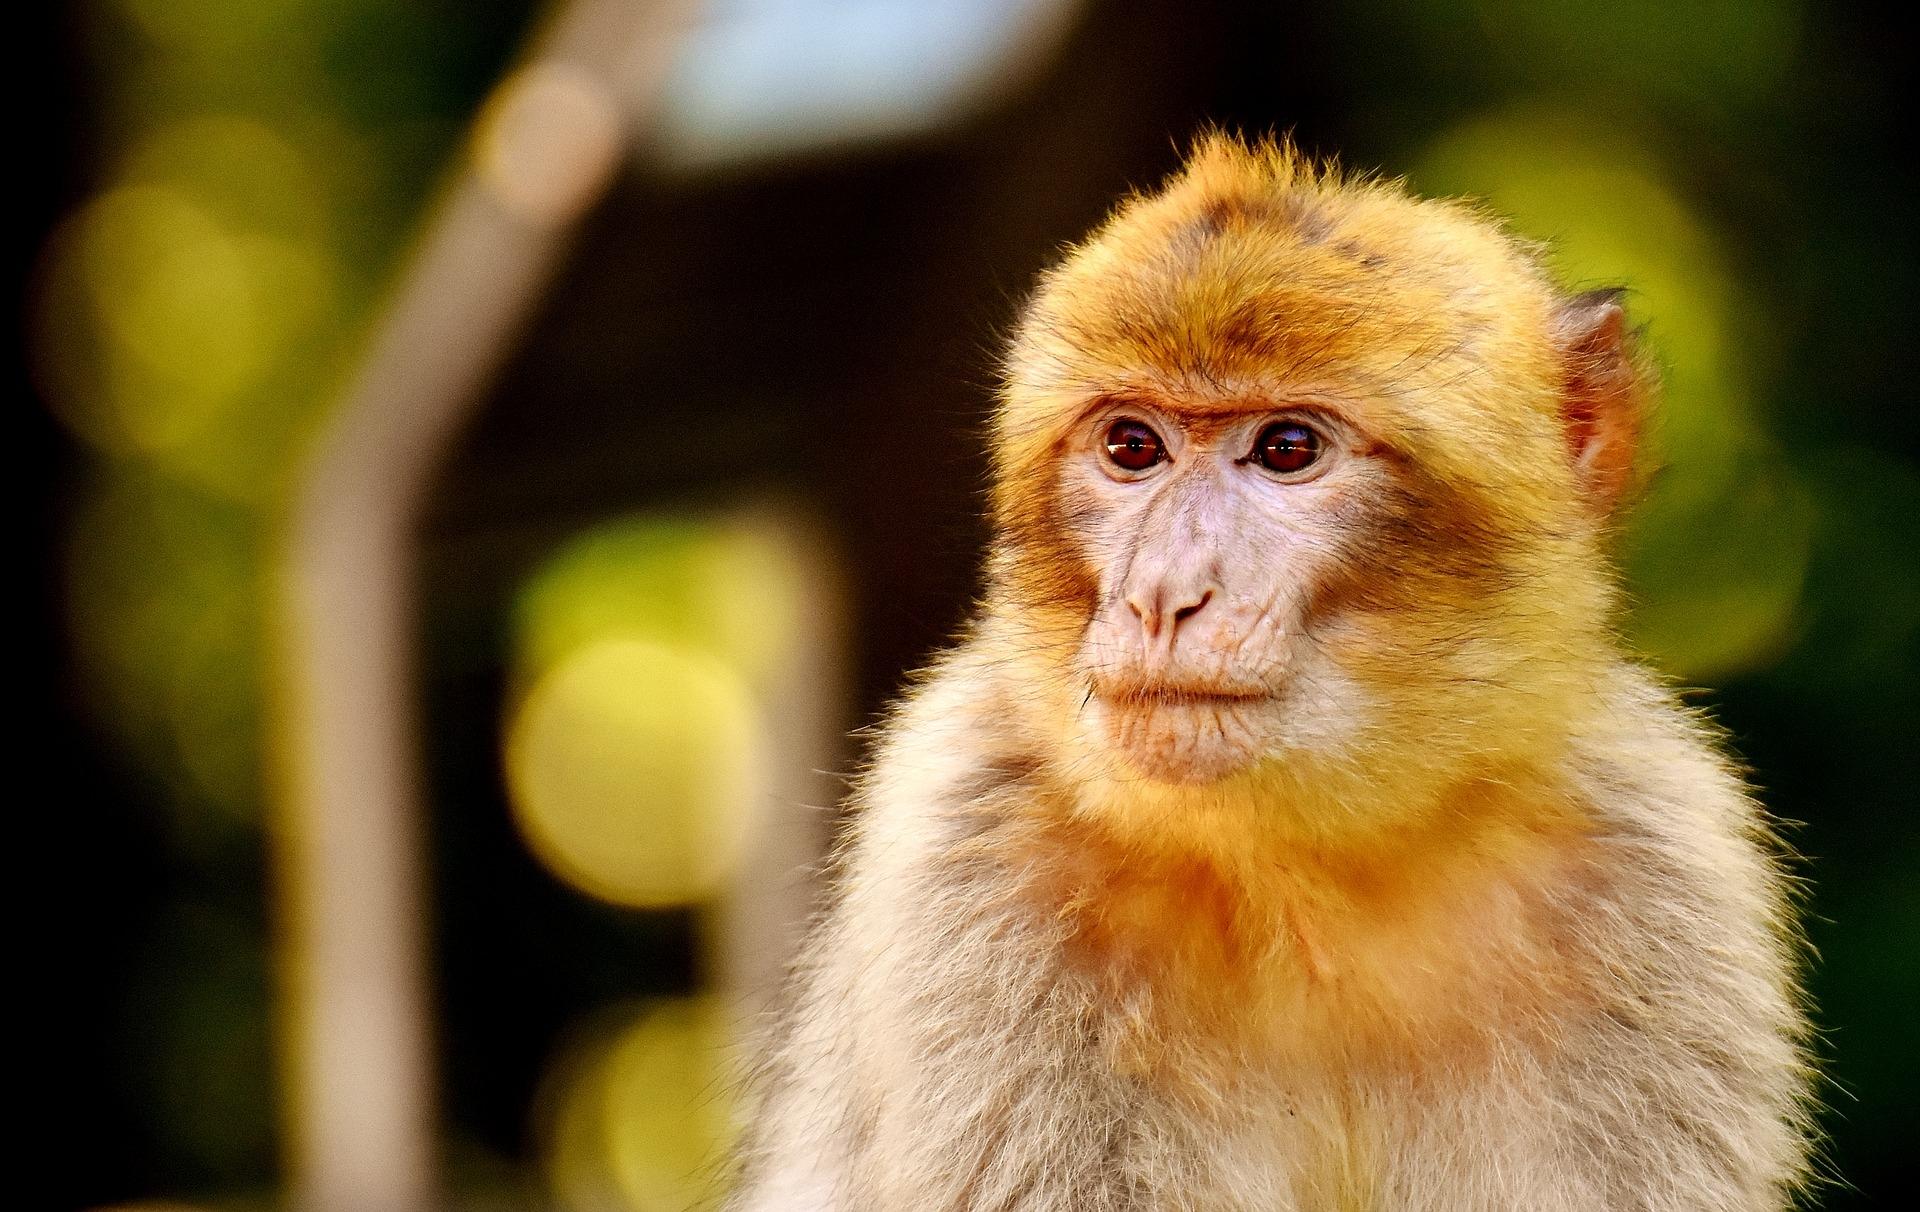 Para el estudio se utilizó un modelo informático del cerebro de los macacos. Imagen: Alexas_Fotos. Fuente: Pixabay.